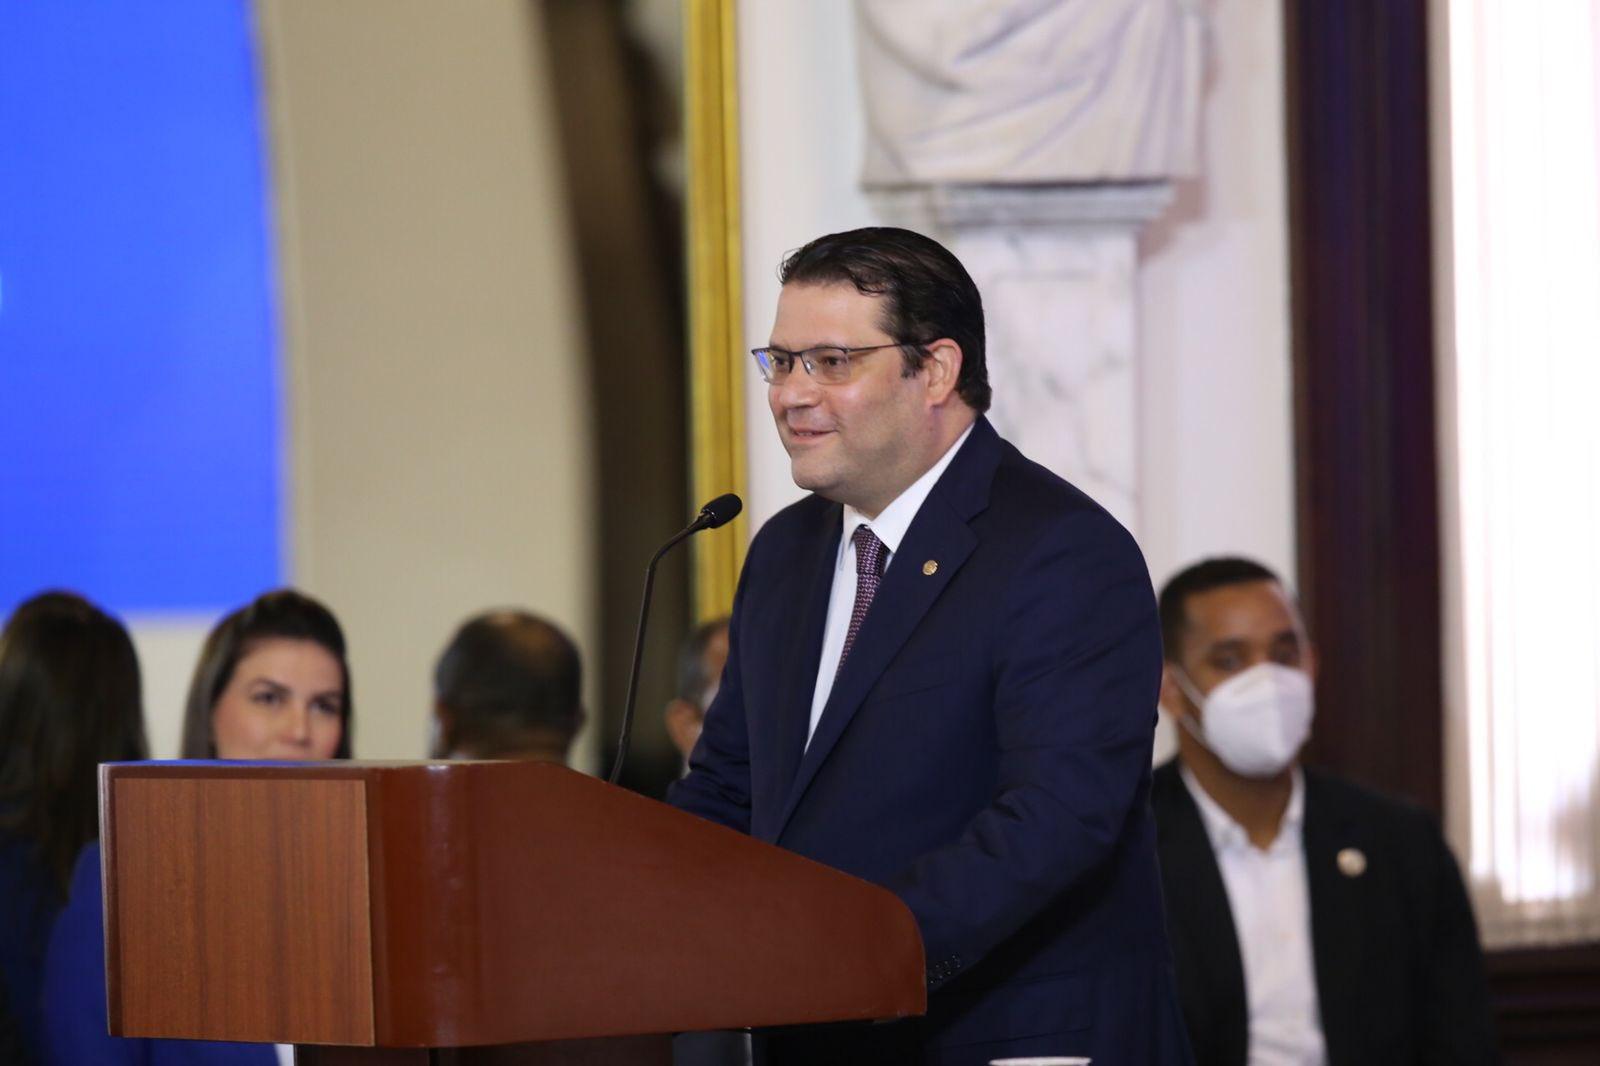 Eduardo Sanz Lovatón Director de Aduanas declaró que recientemente encontraron 5 millones de dólares en una bocina y más de 2 millones dentro de una bola de fútbol